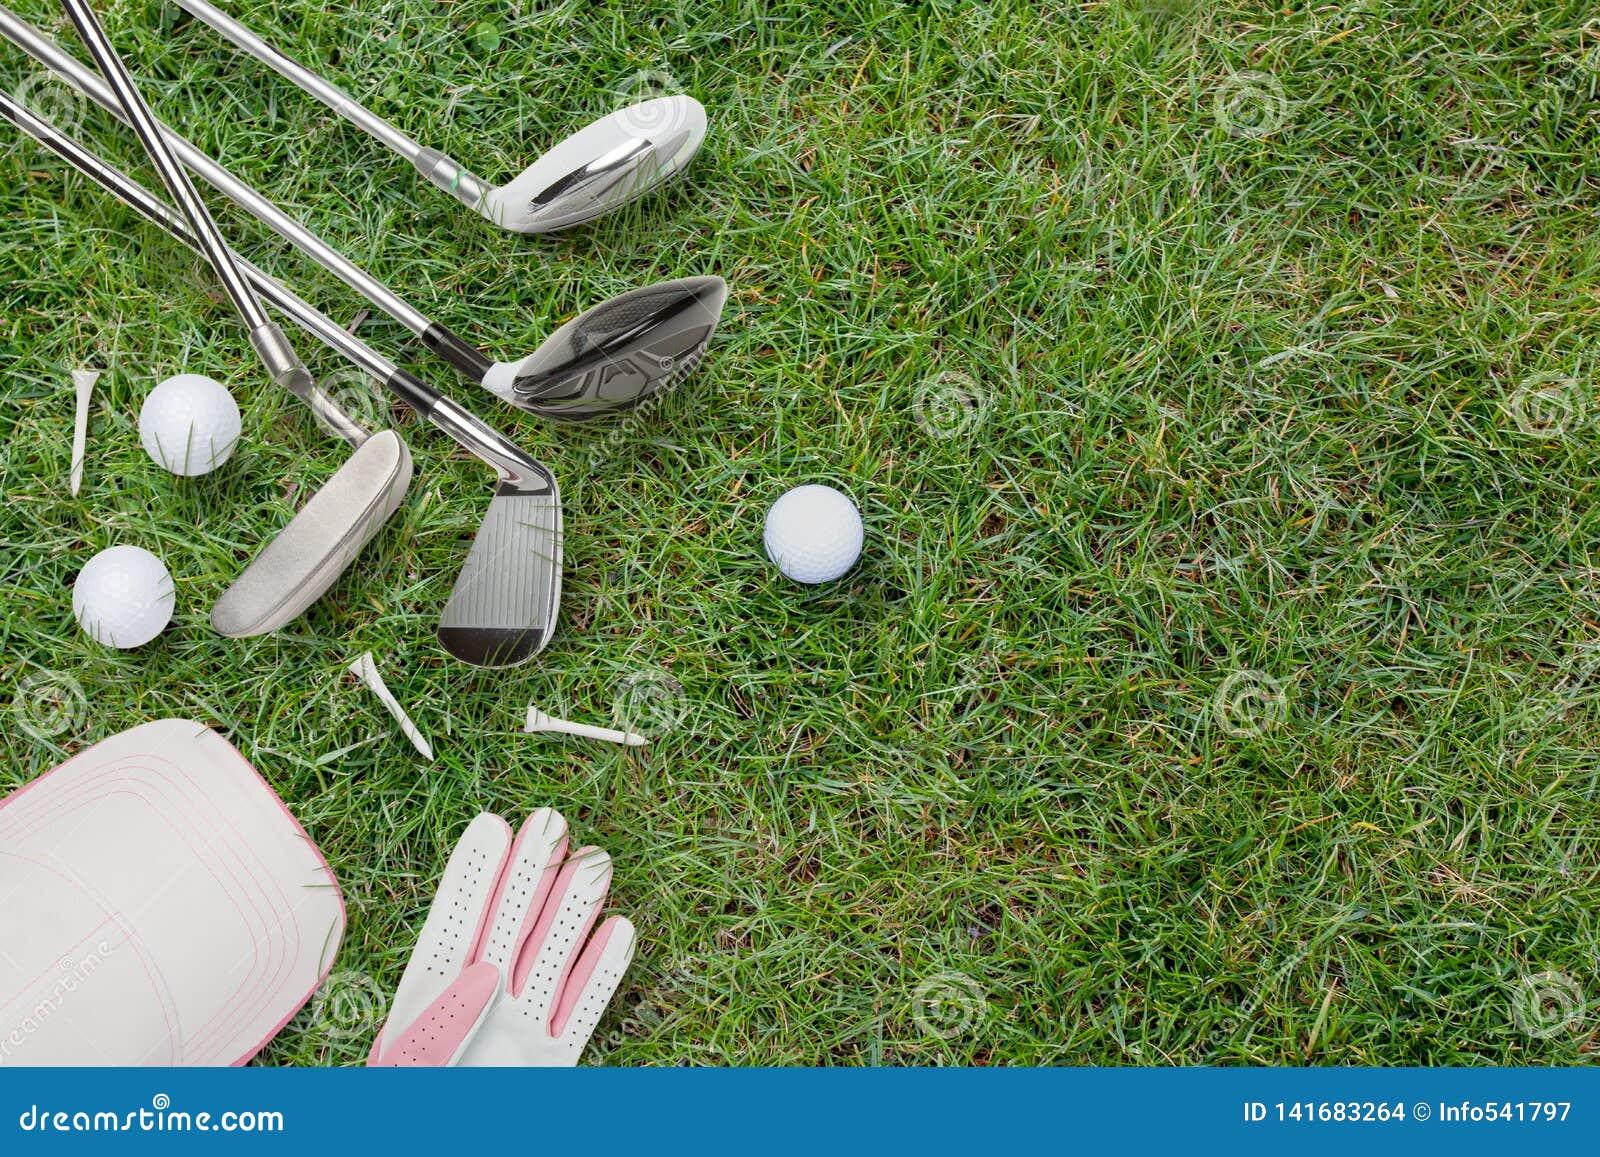 高尔夫俱乐部、高尔夫球、高尔夫球手套和盖帽在草